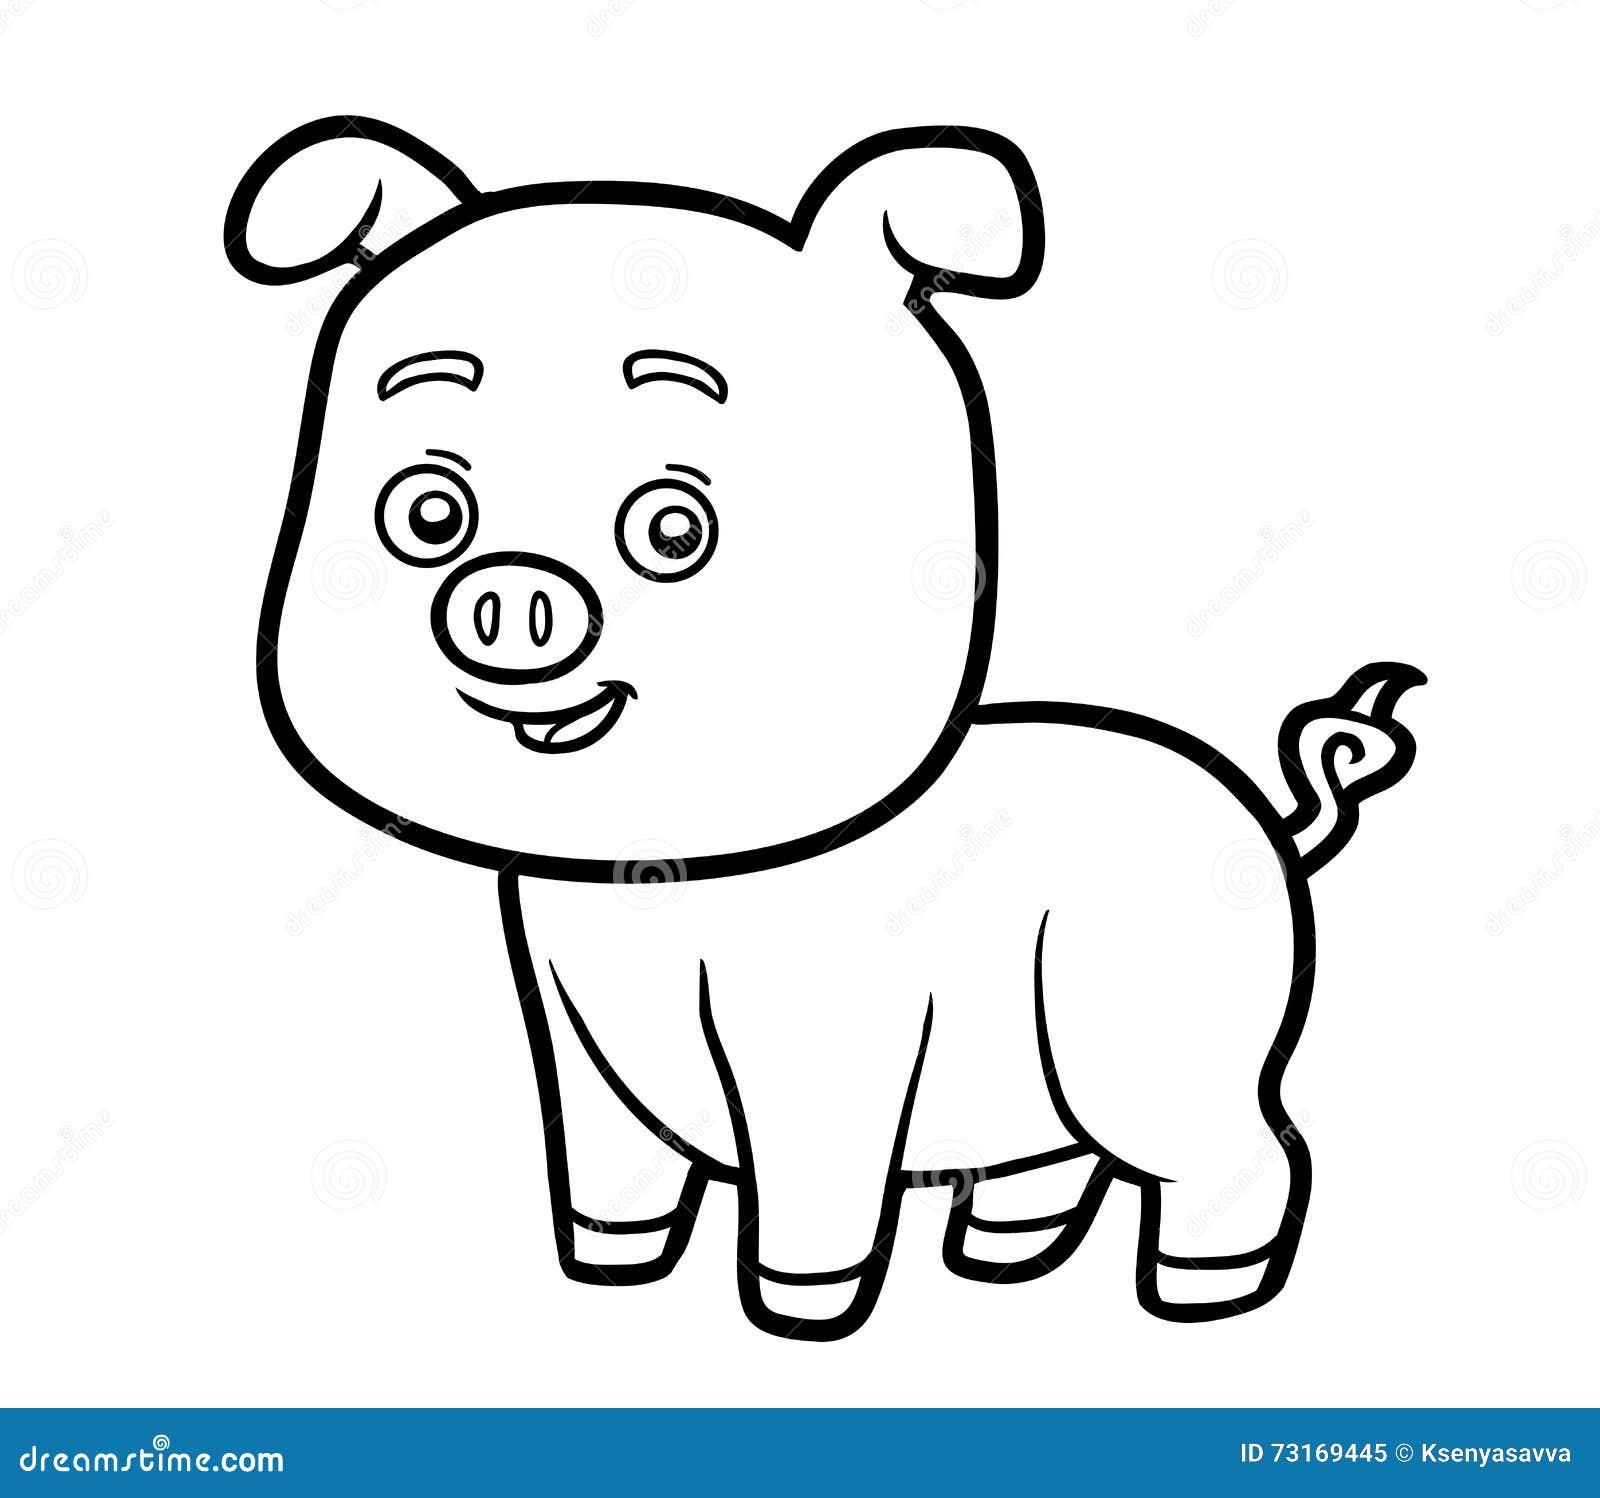 Schön Schwein Malvorlagen Für Kinder Ideen - Malvorlagen Von Tieren ...